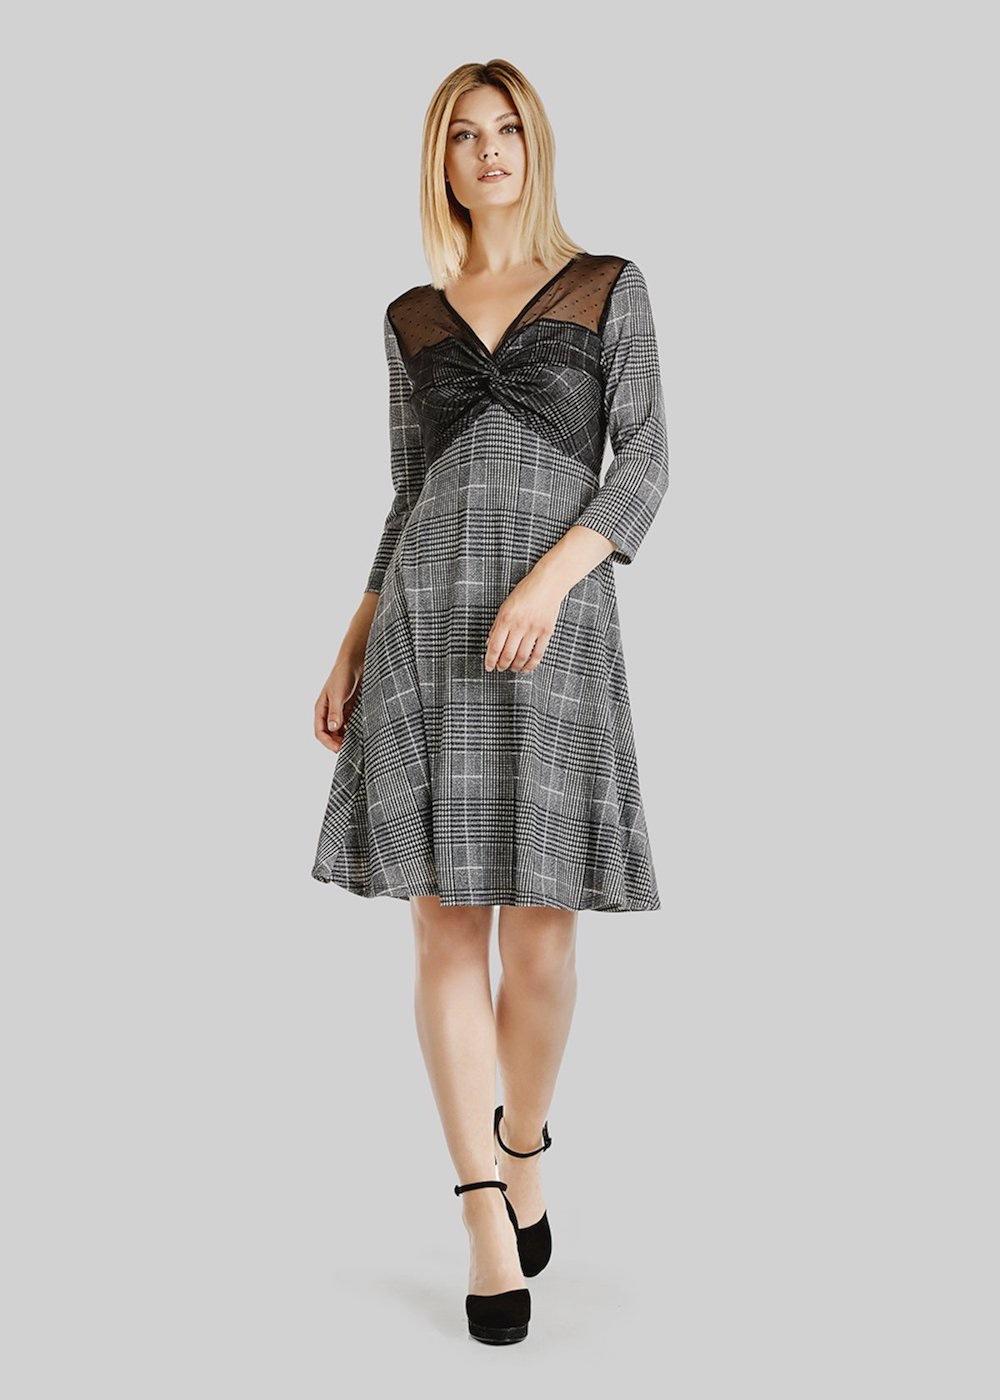 negozio del Regno Unito a basso prezzo Buoni prezzi Camomilla abbigliamento autunno inverno 2018|2019. Prezzi ...